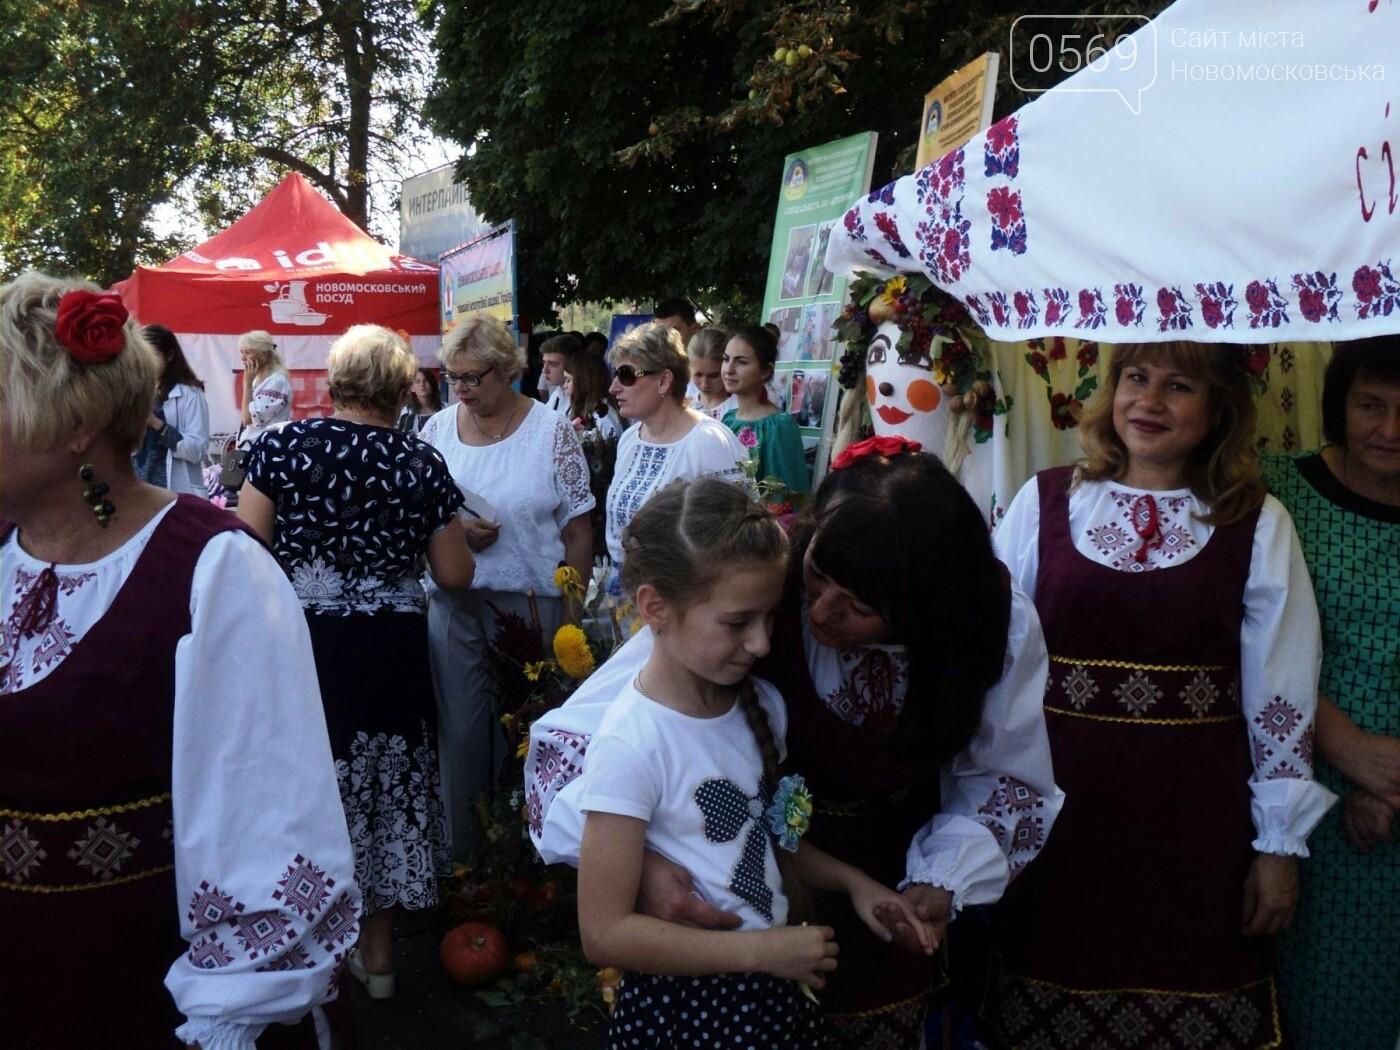 На міському стадіоні Новомосковська  пройшов масштабний святковий захід до Дня міста, фото-7